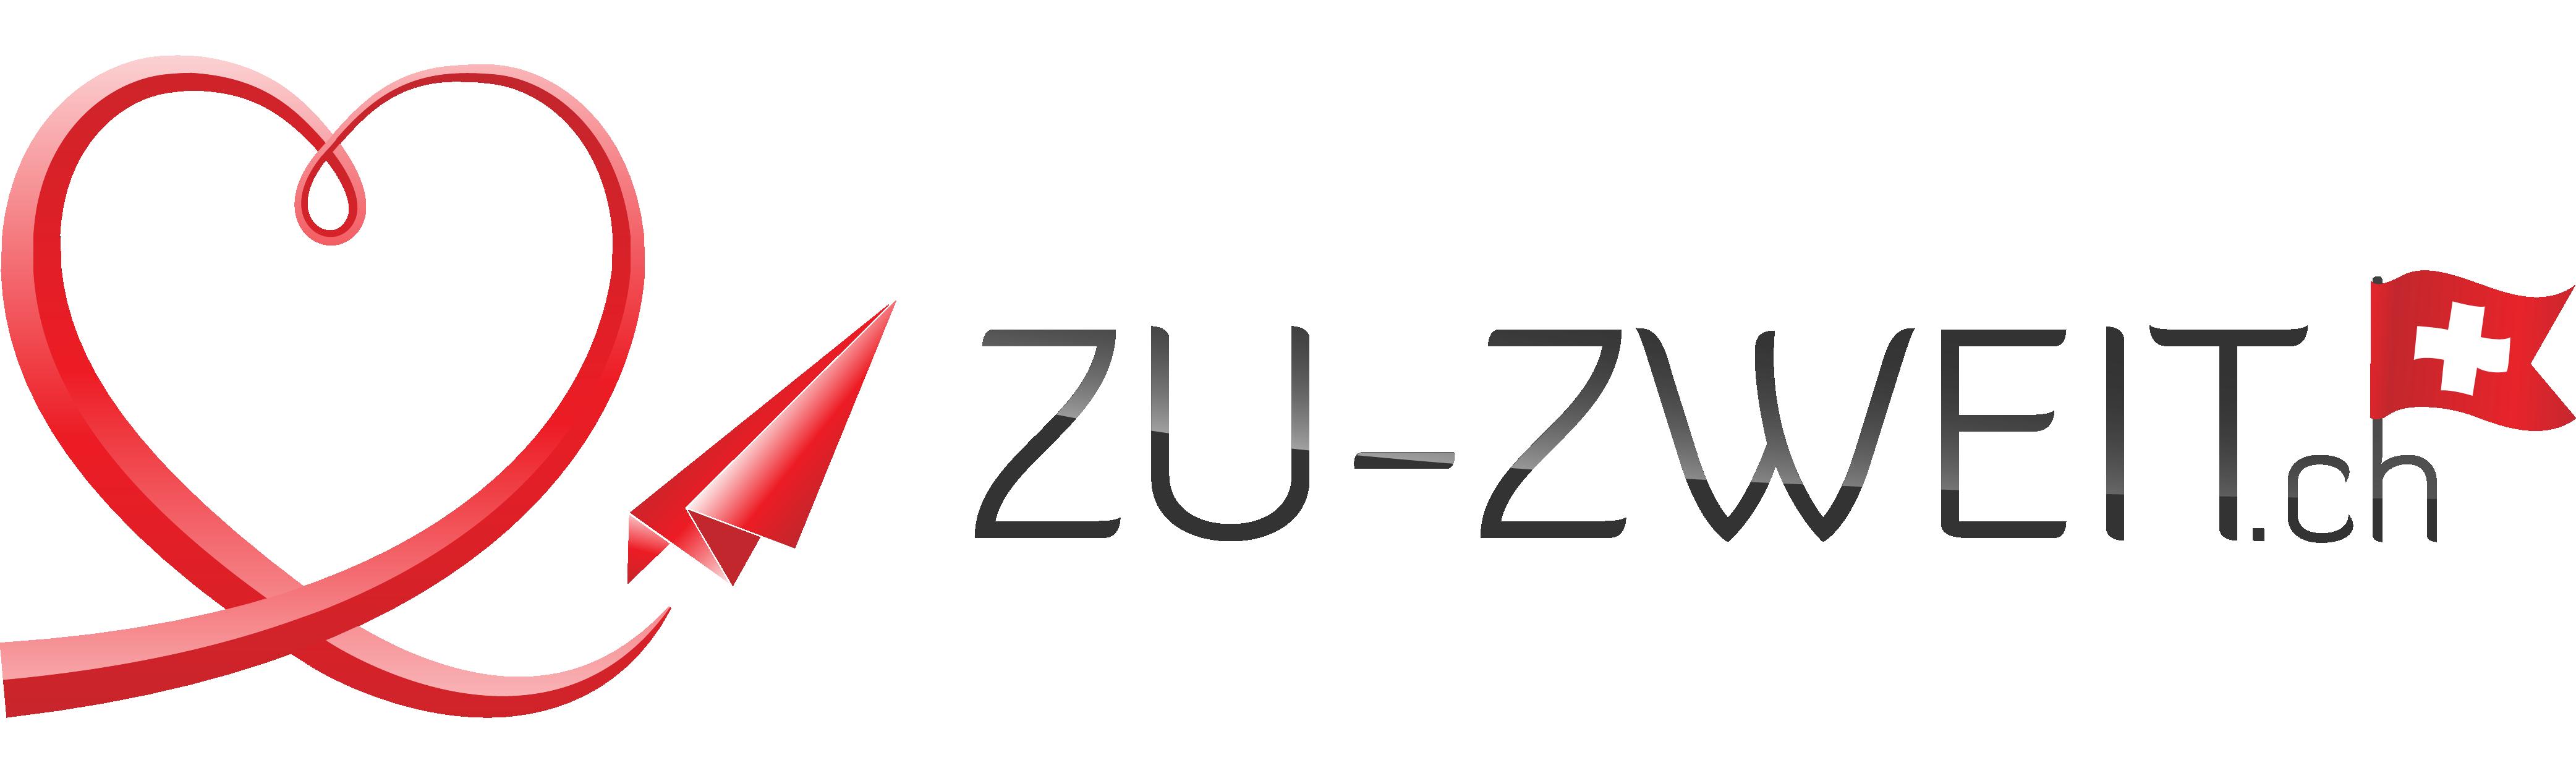 ZU-ZWEIT.ch Logo